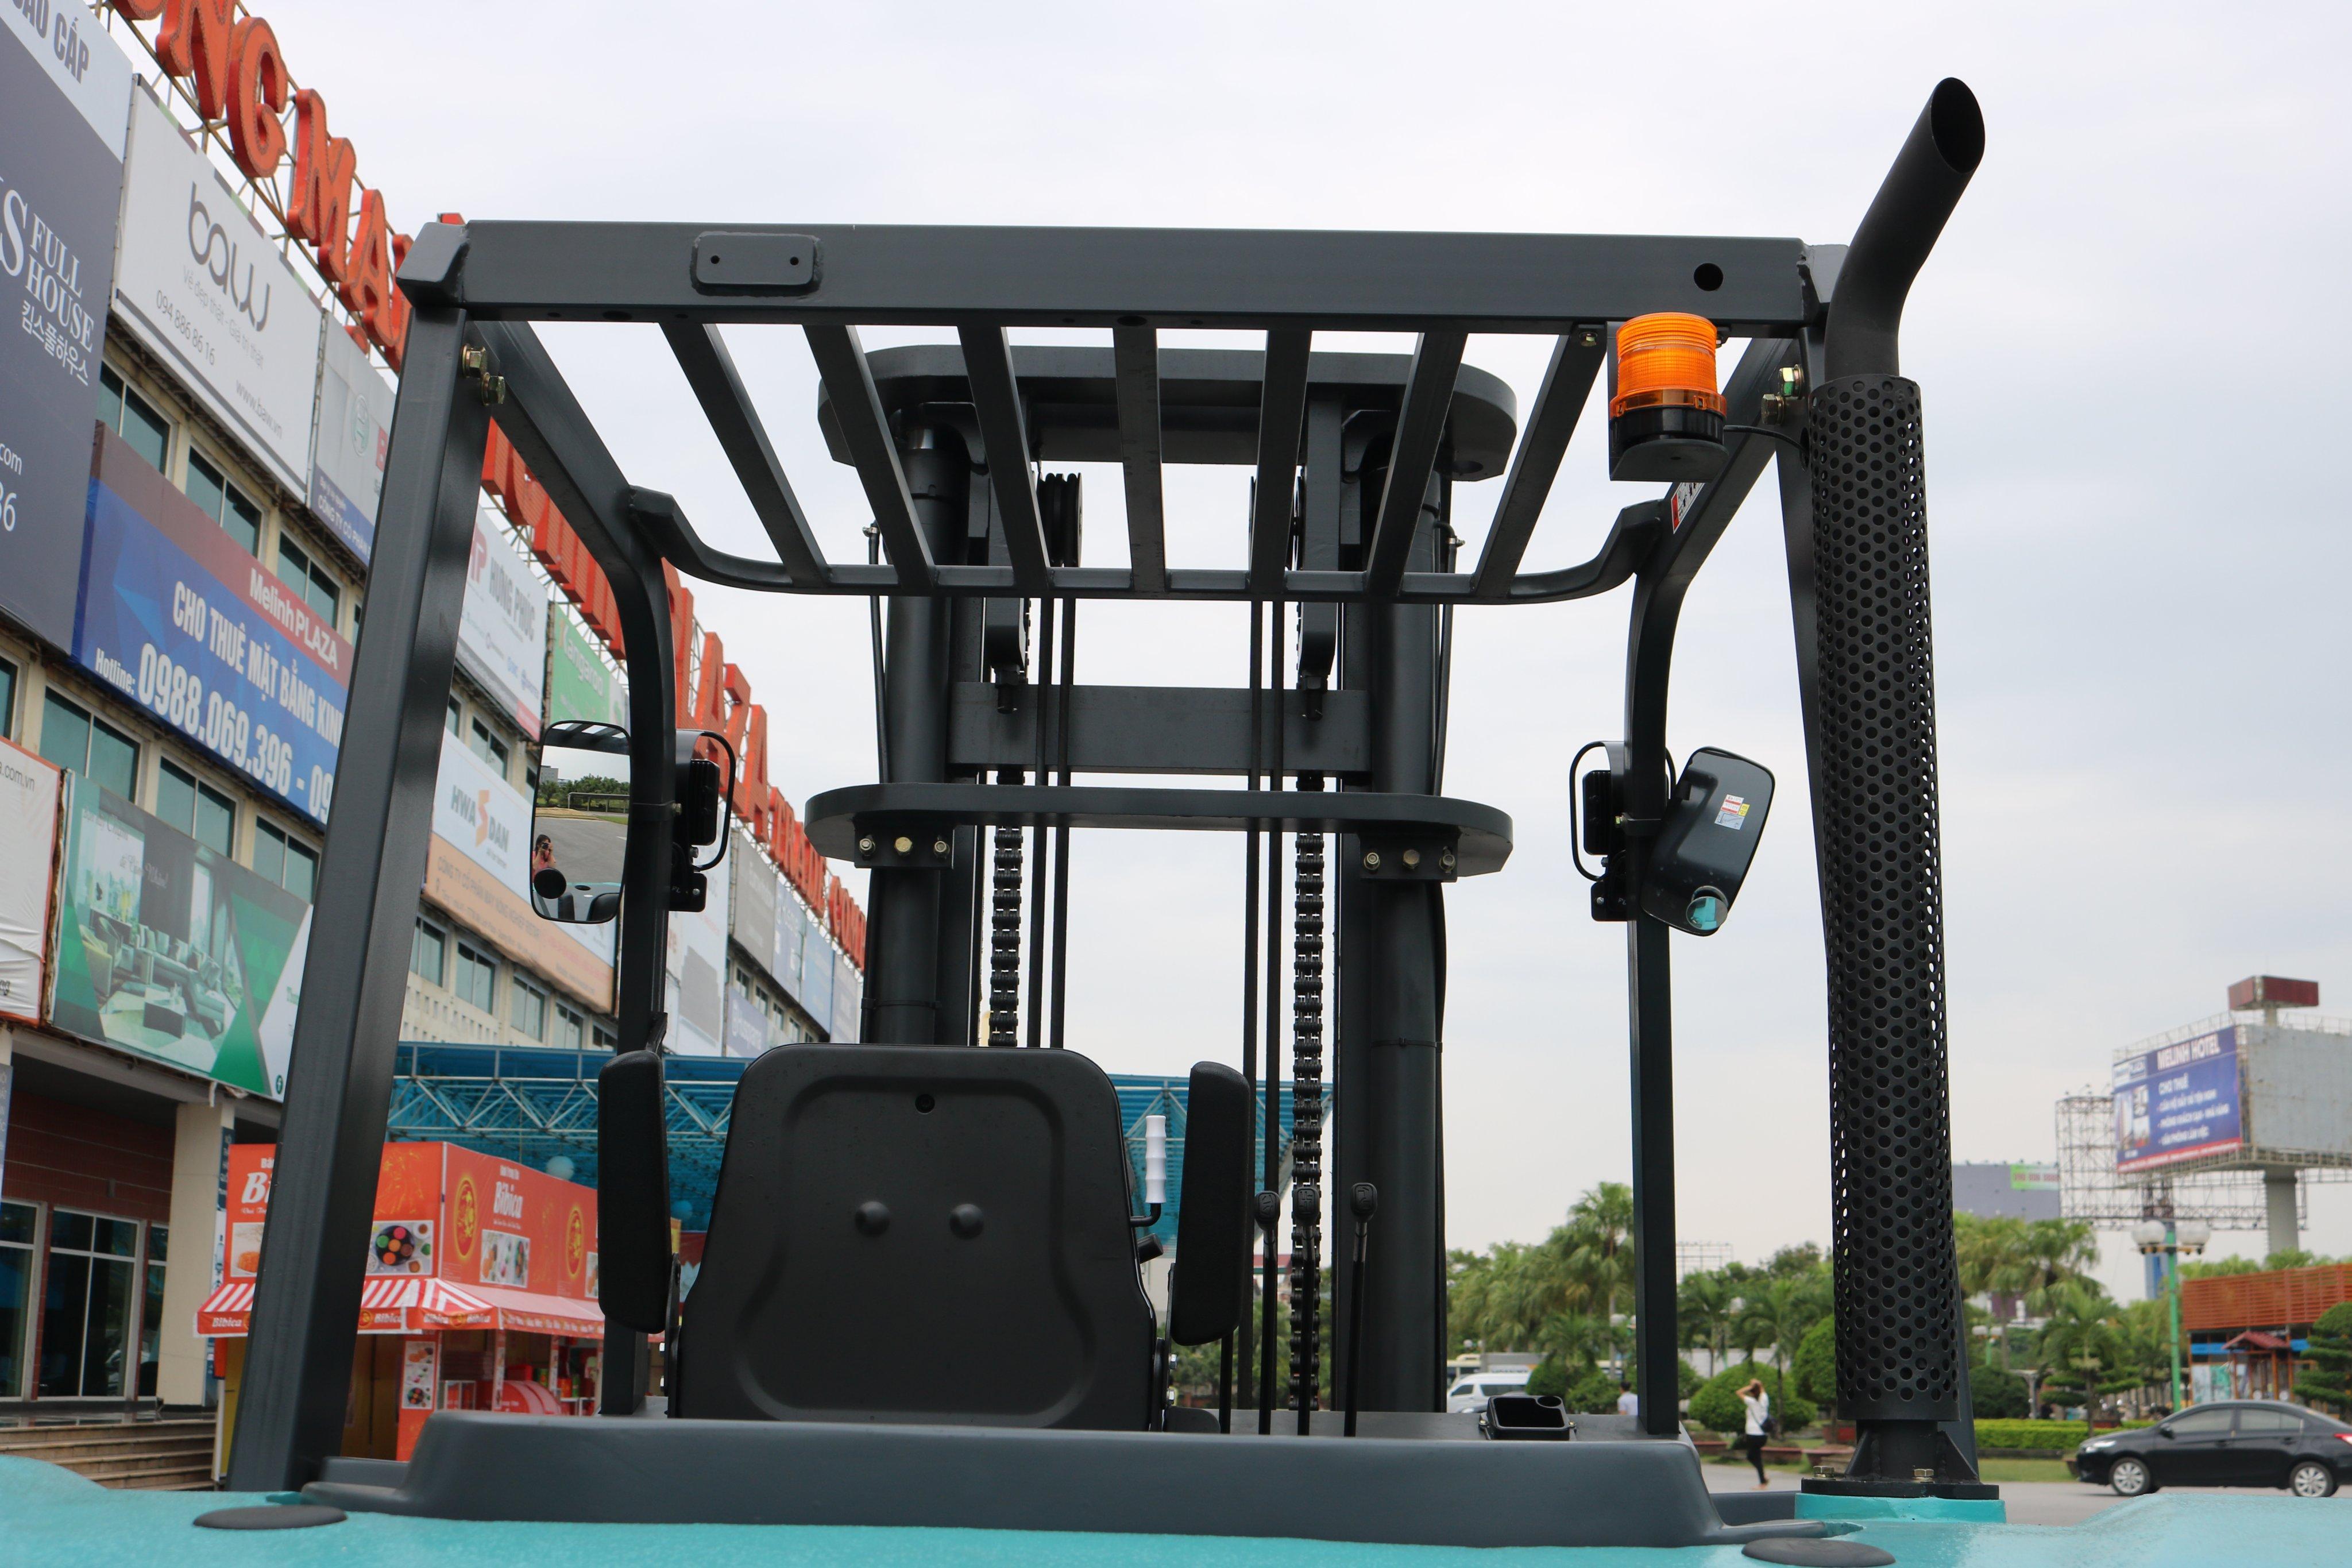 Khung sườn chắc chắn giúp nâng tải trọng 7 tấn không hề bị ảnh hưởng